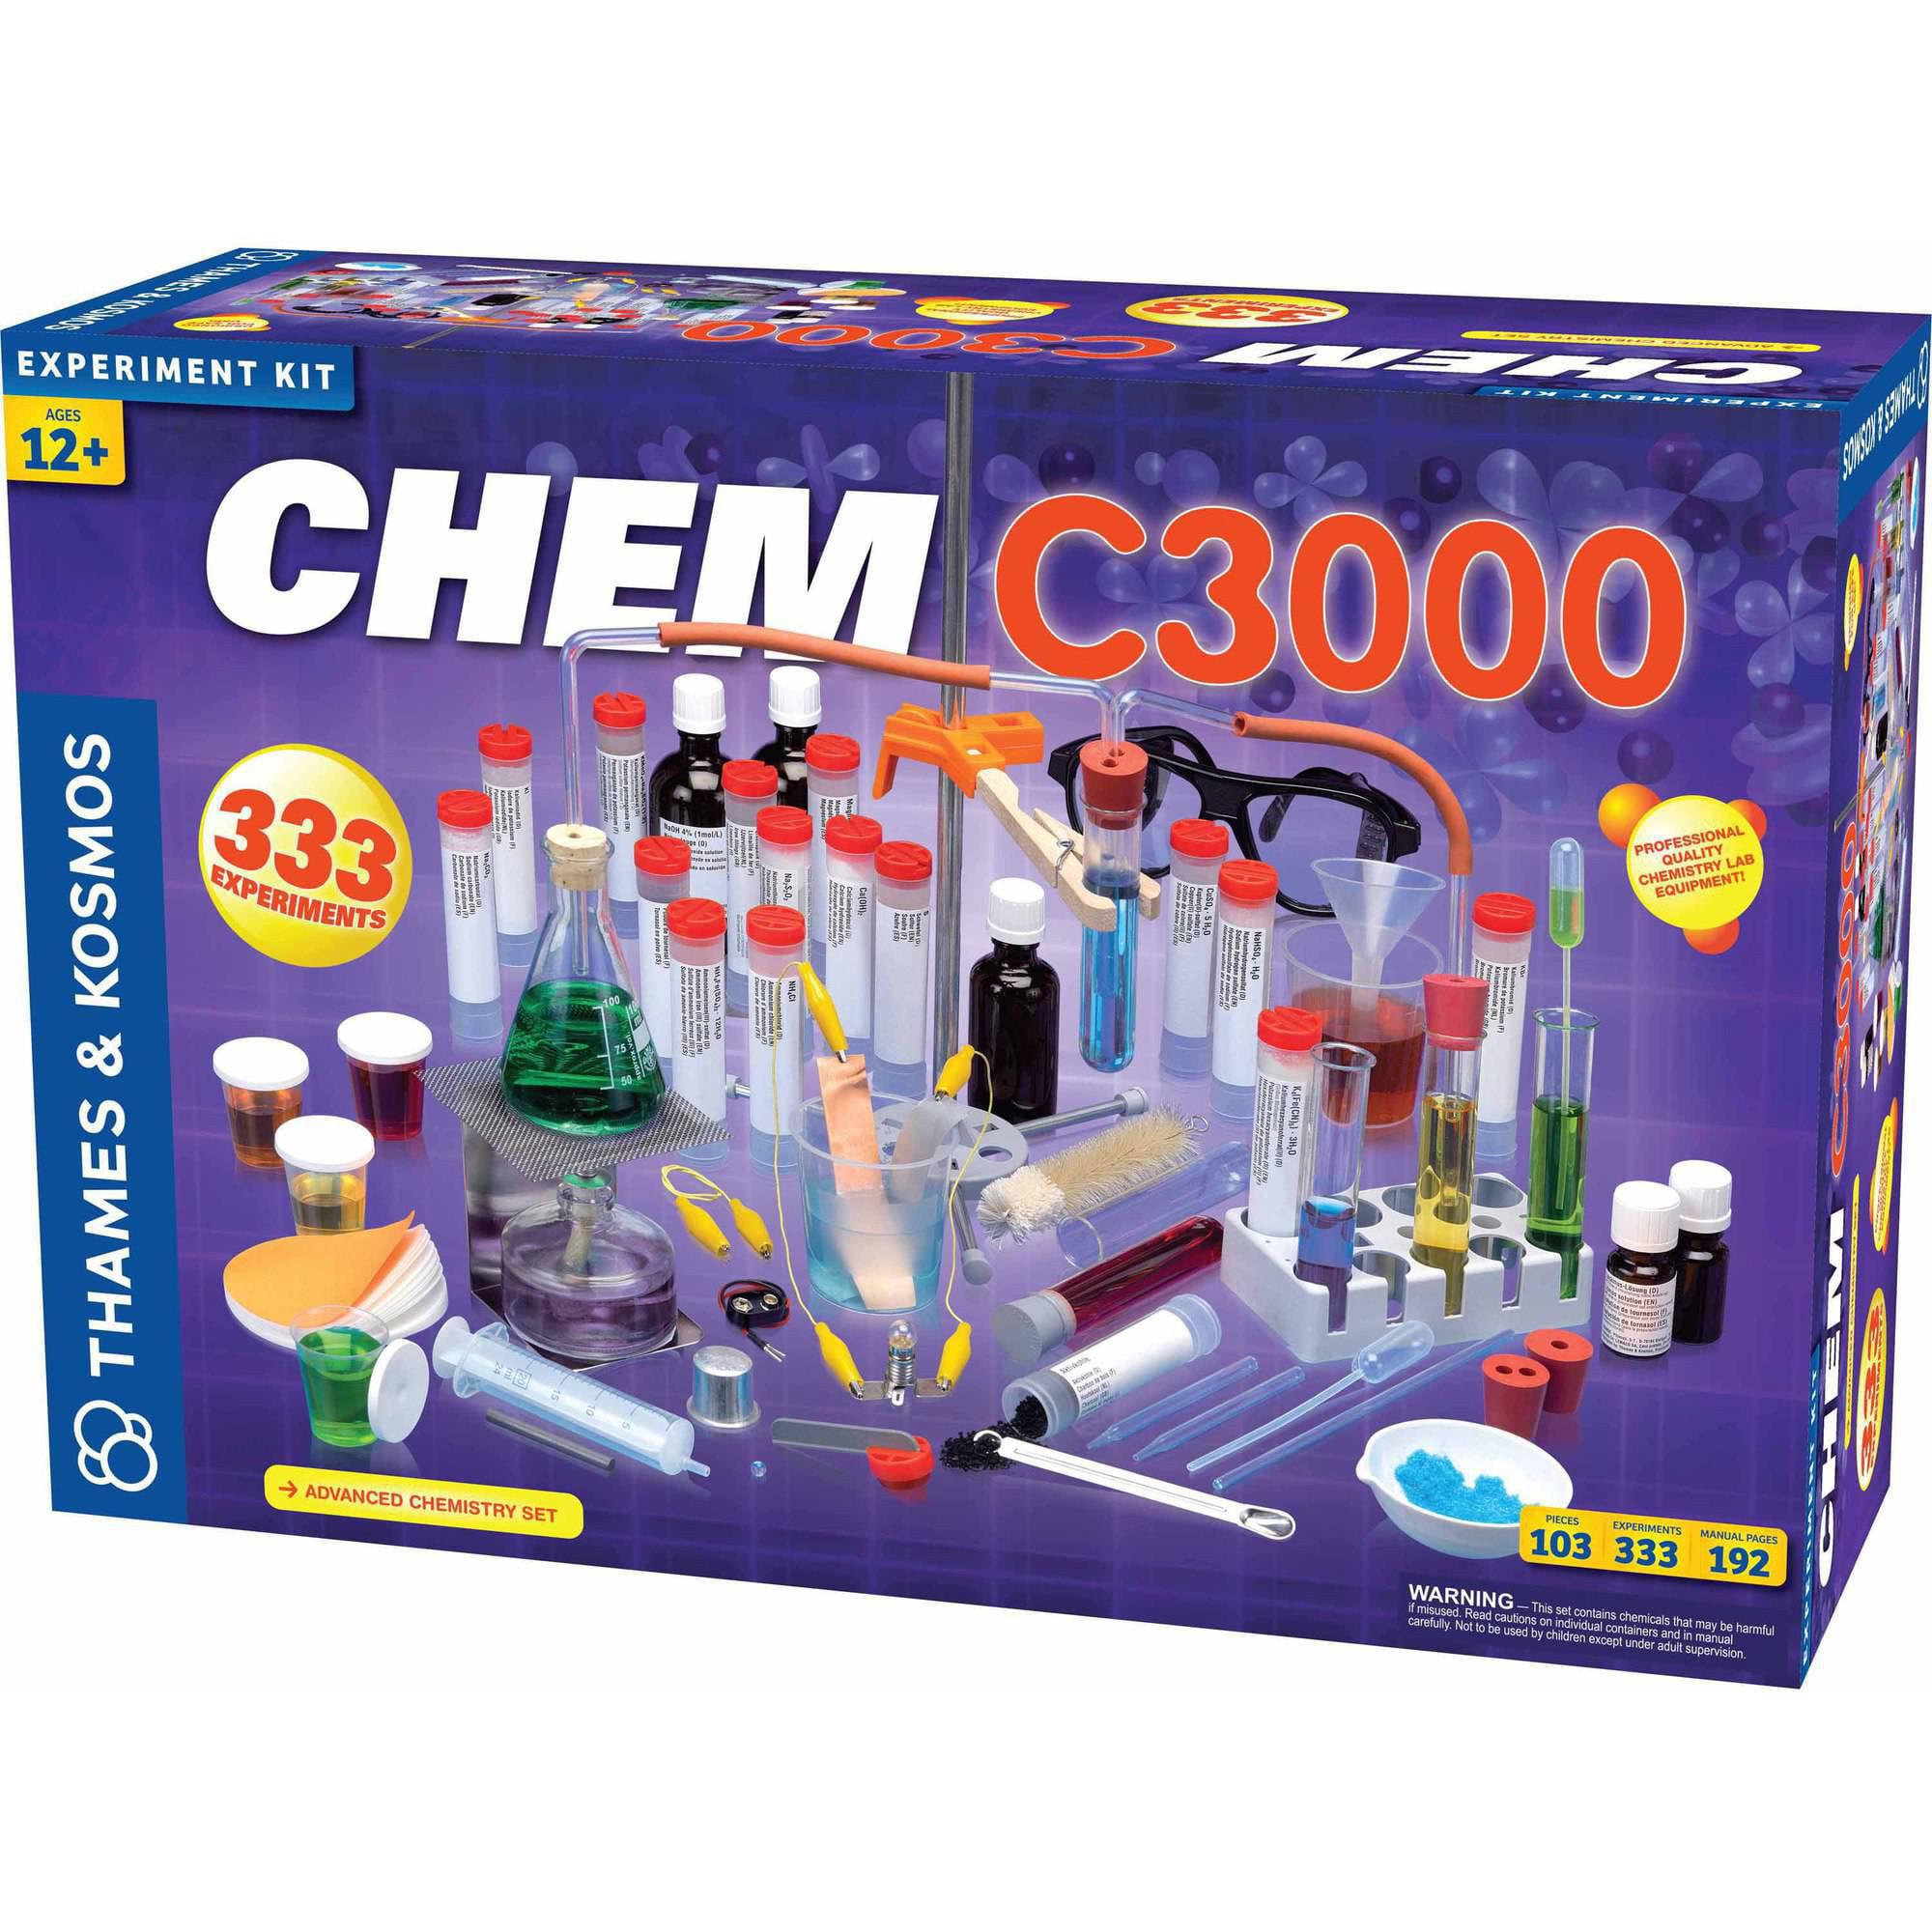 Thames & Kosmos CHEM C3000 Science Experiment Kit by Thames & Kosmos LLC